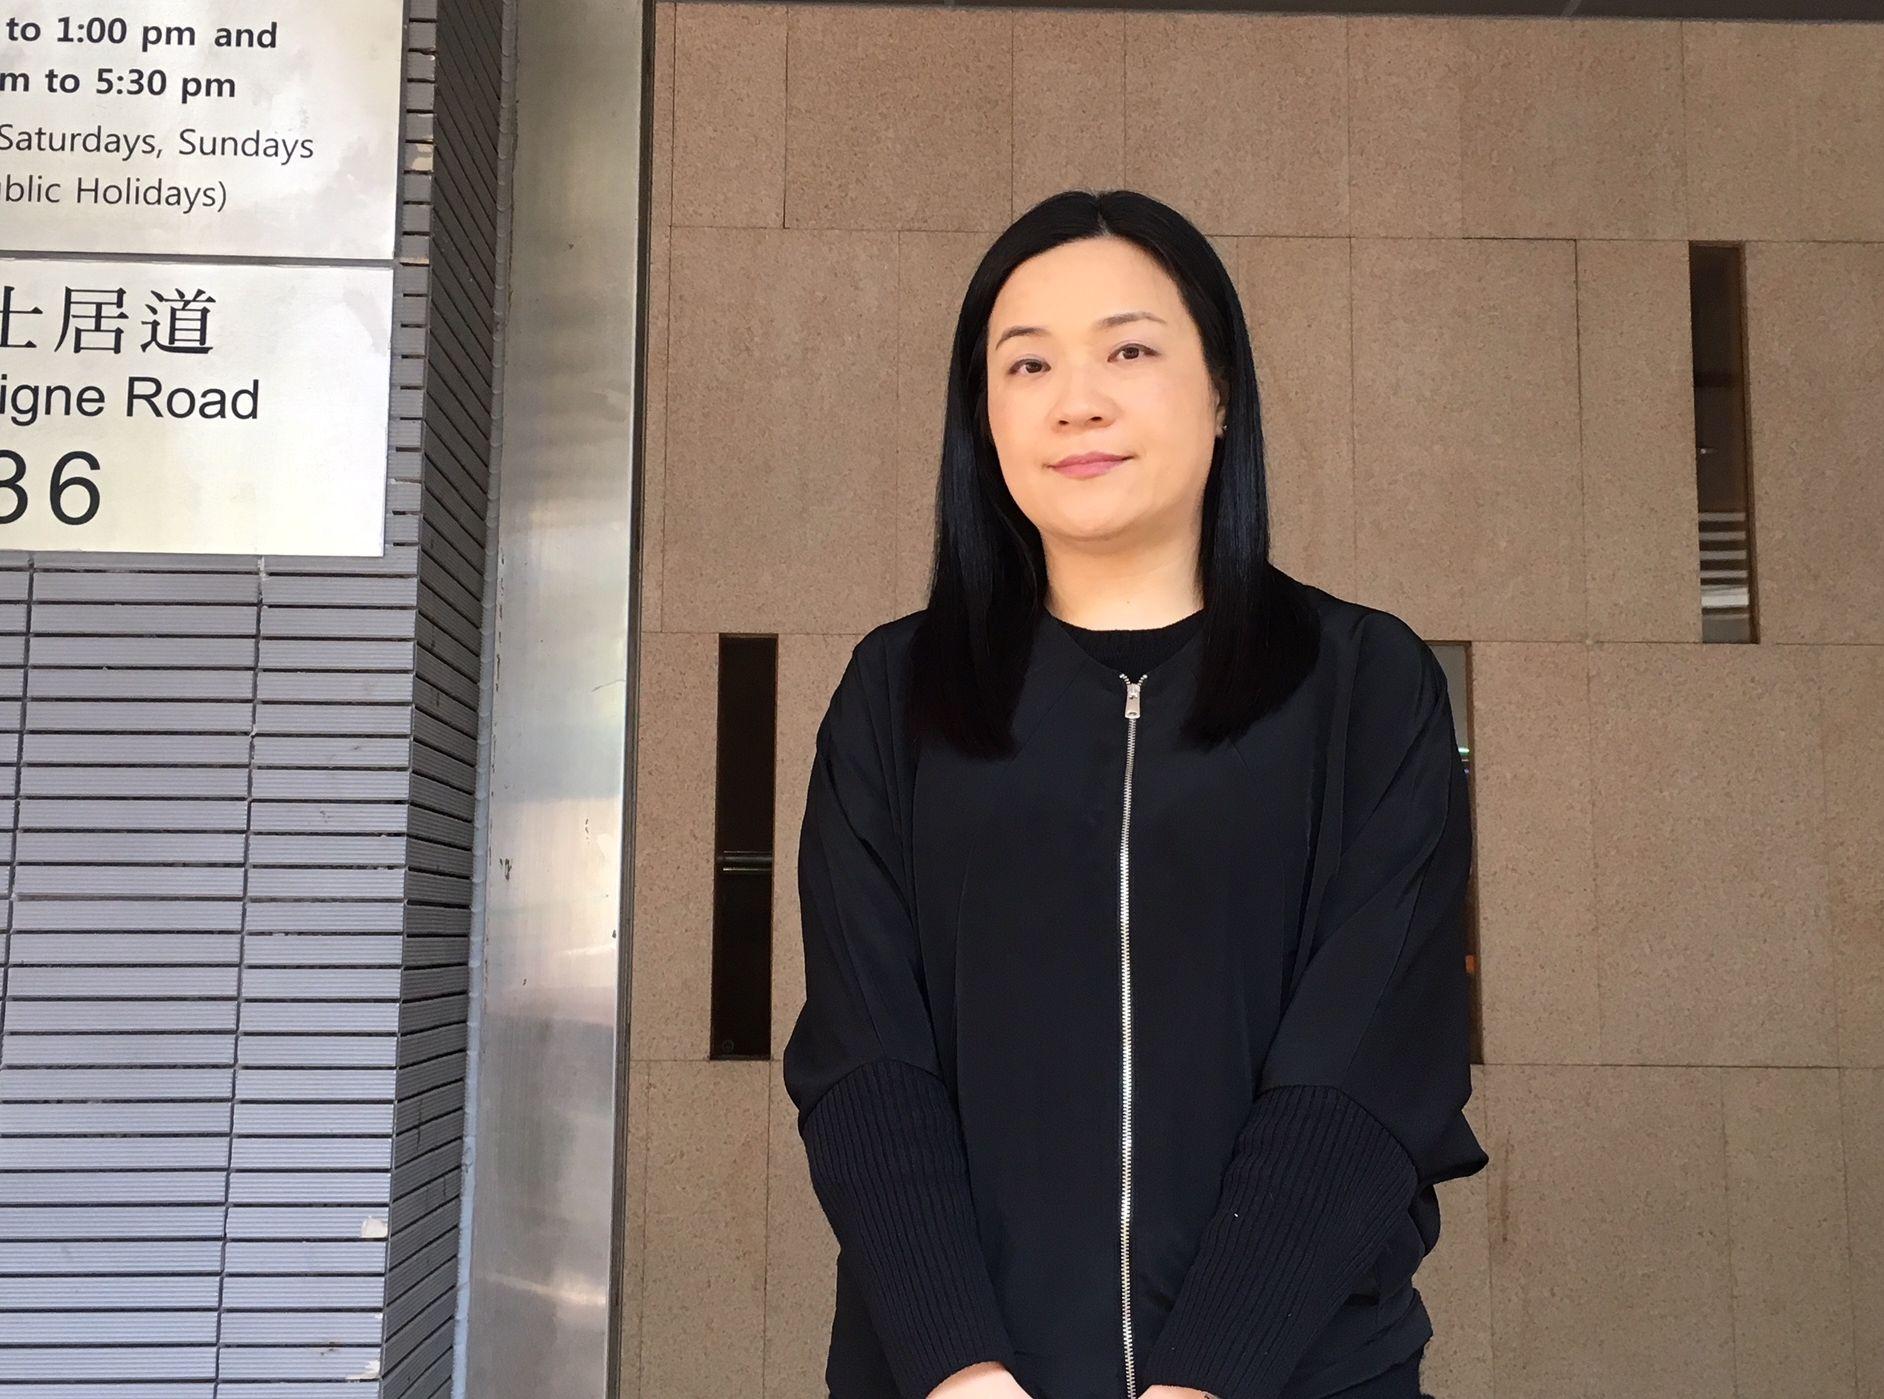 【港航危机】吴敏儿斥政府沒汲取甘泉倒闭教训 未设预防措施